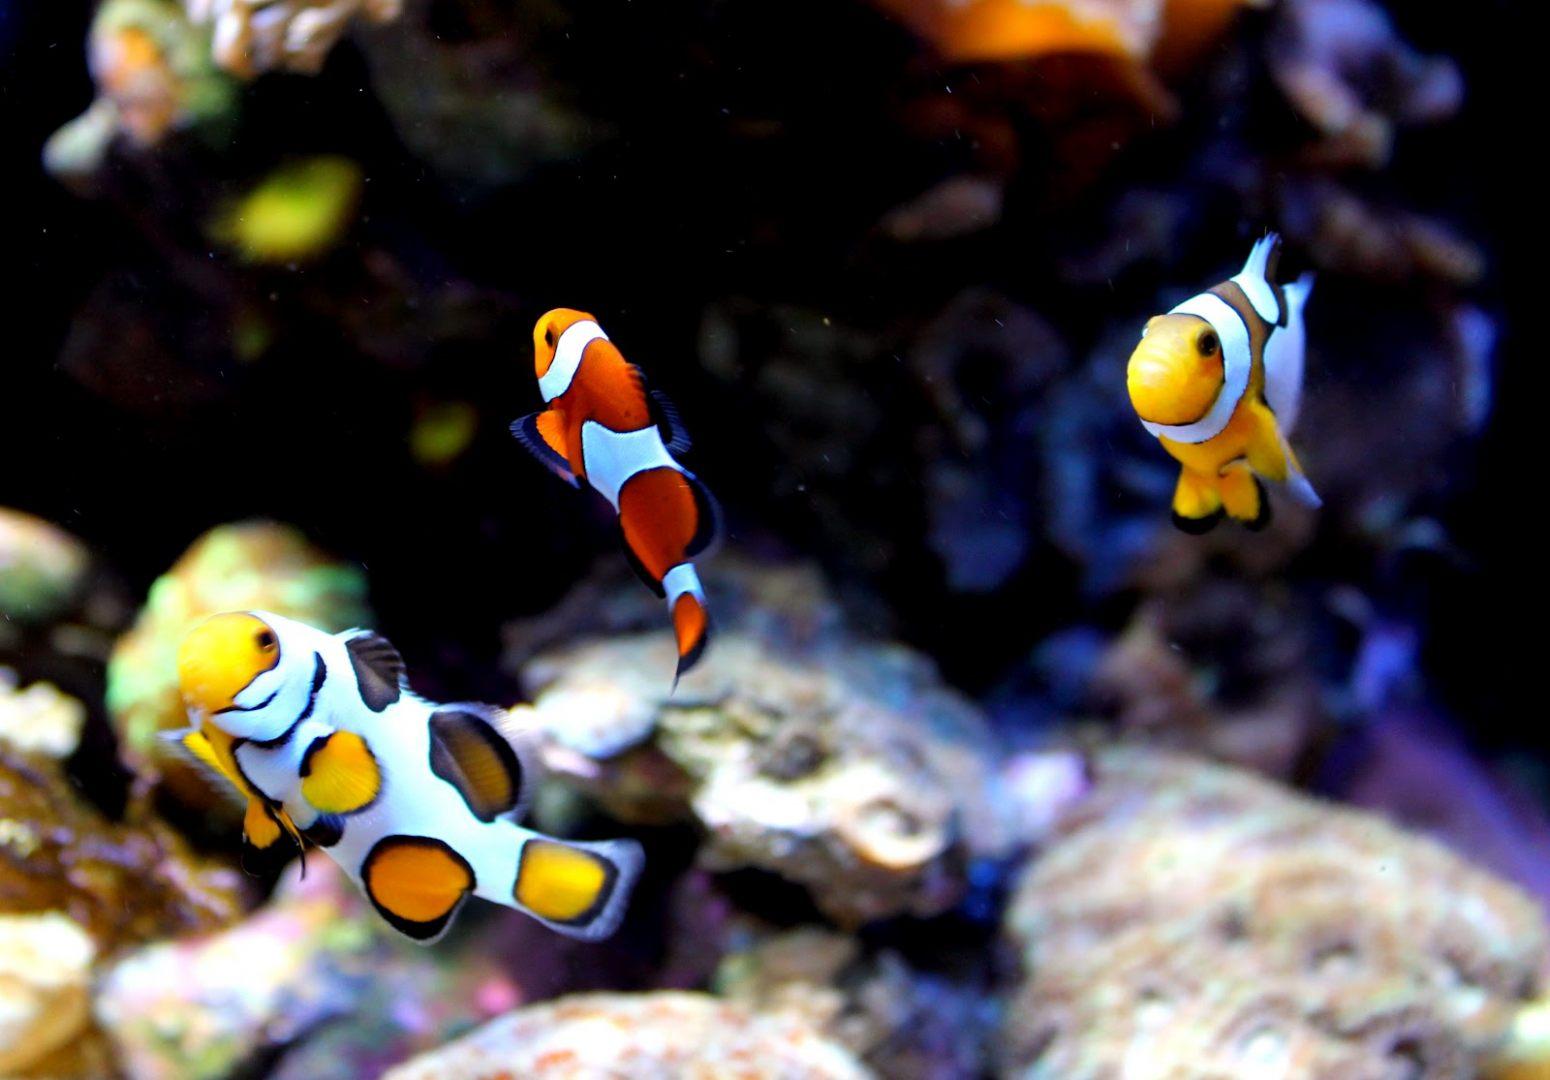 Galeria de fotos e imagens: Peixe-palhaço